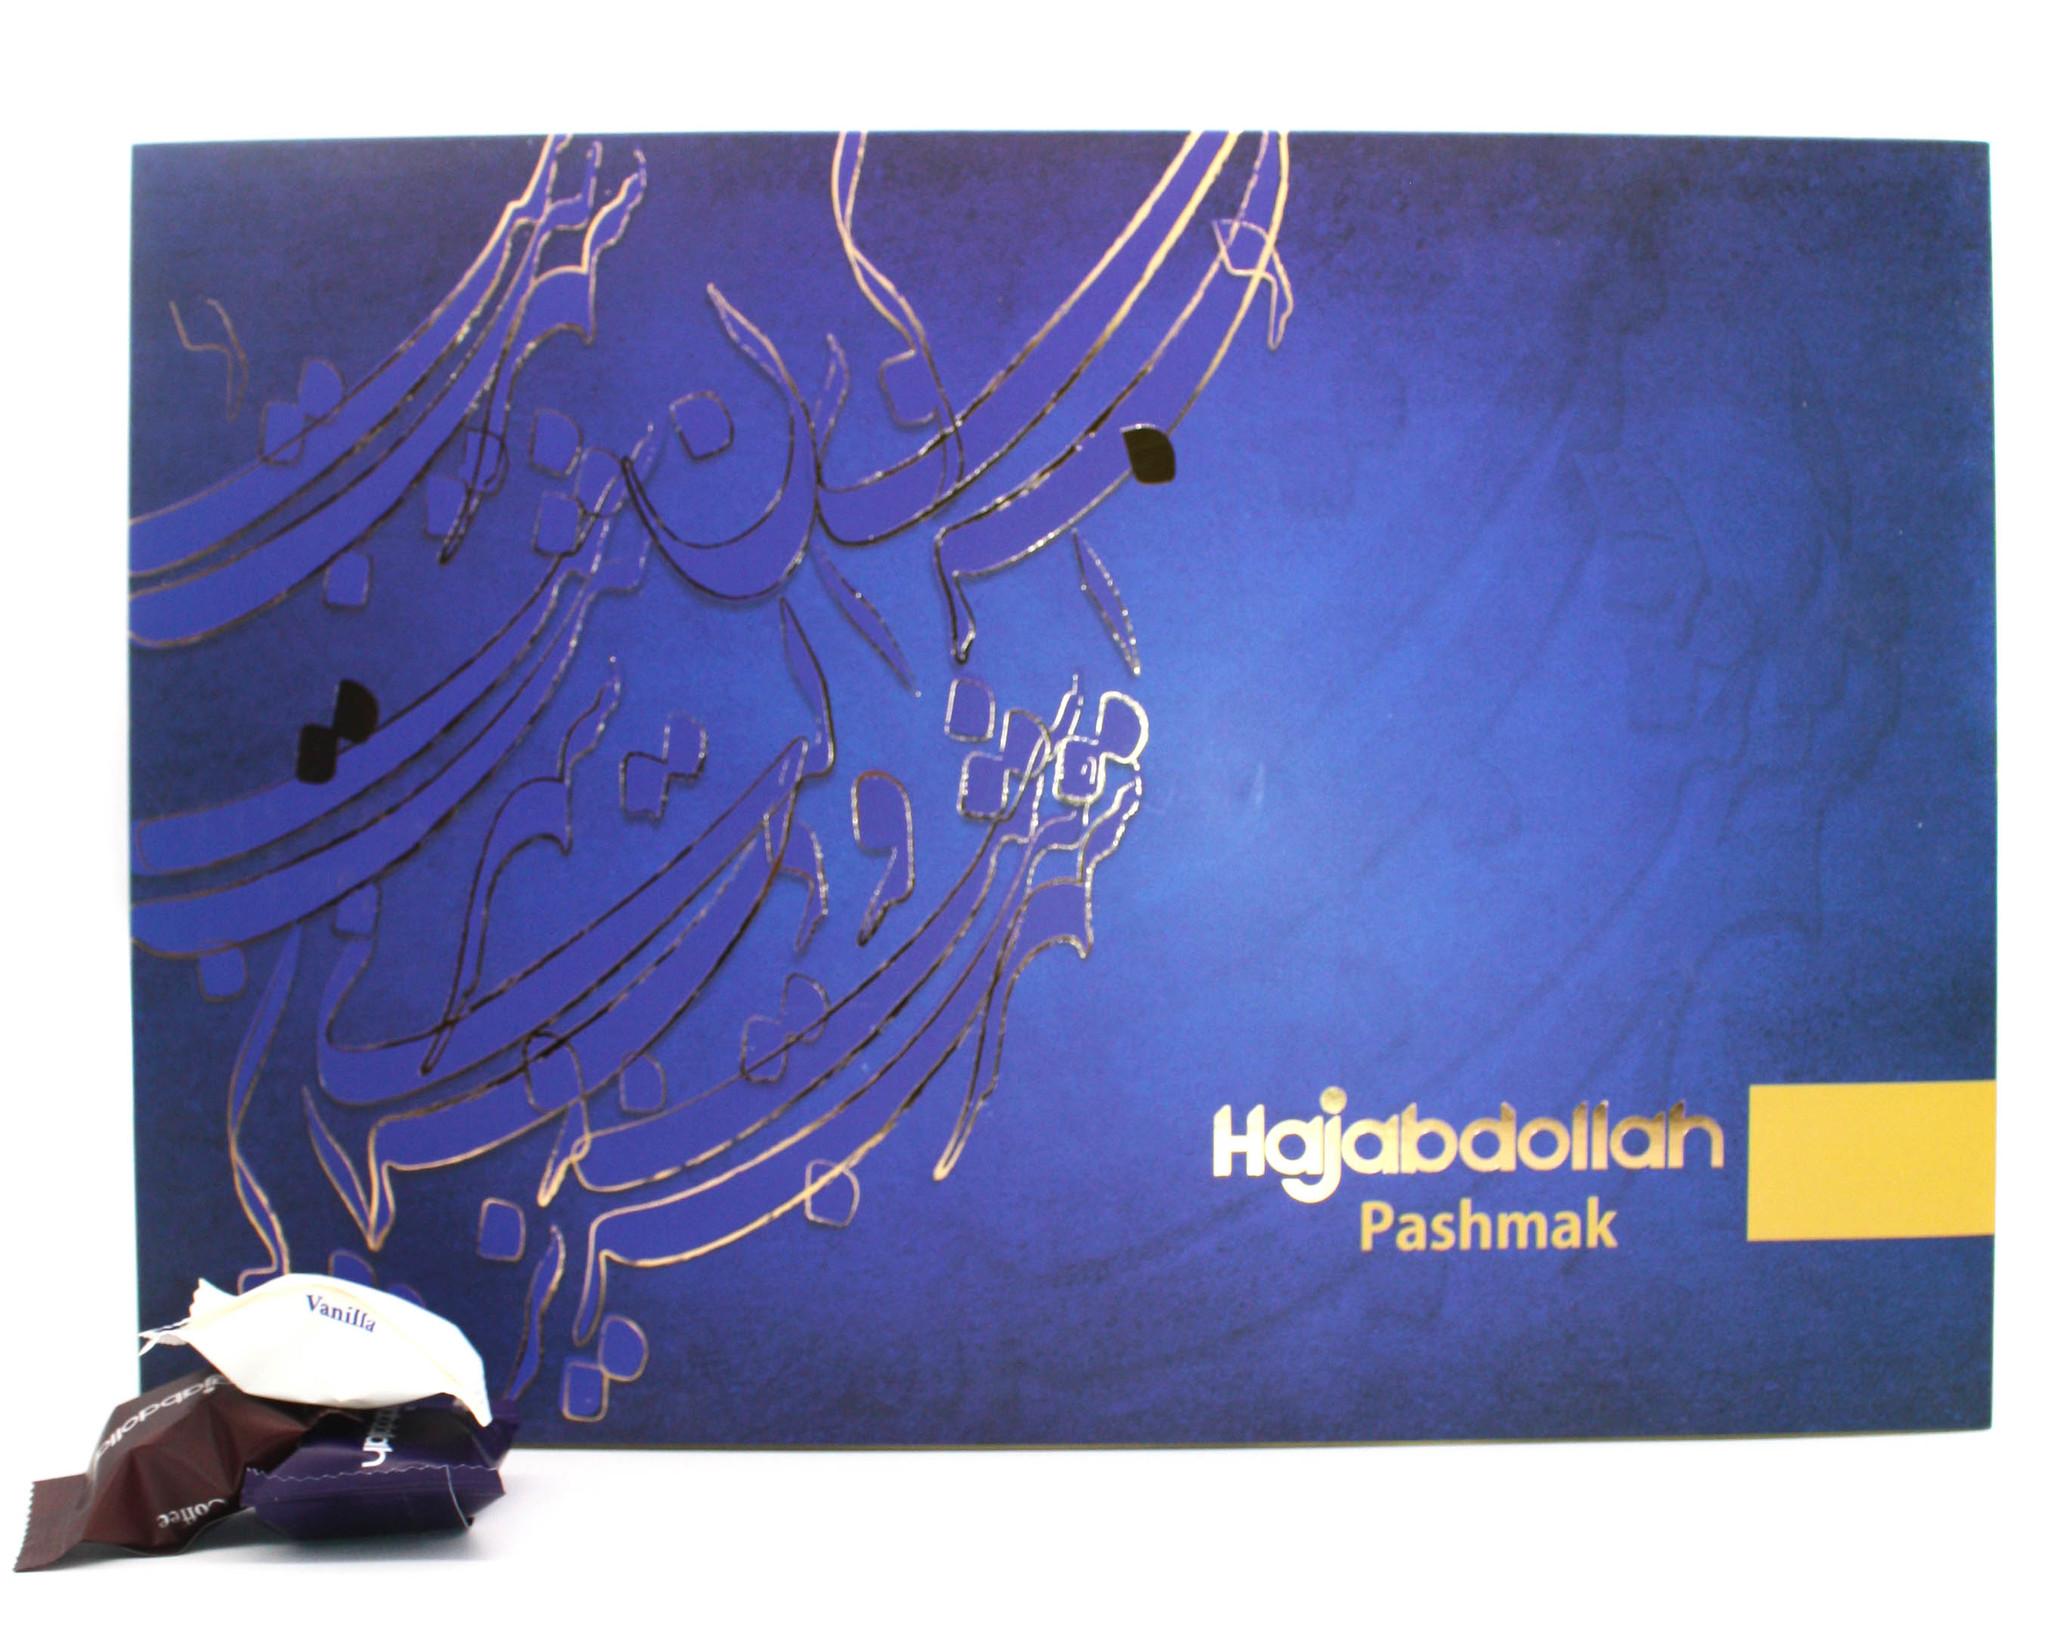 """Иранская пишмание Ассорти пишмание в подарочной упаковке """"Каллиграфия"""", Hajabdollah, 300 г import_files_70_7007016dc40811e9a9b3484d7ecee297_70070170c40811e9a9b3484d7ecee297.jpg"""